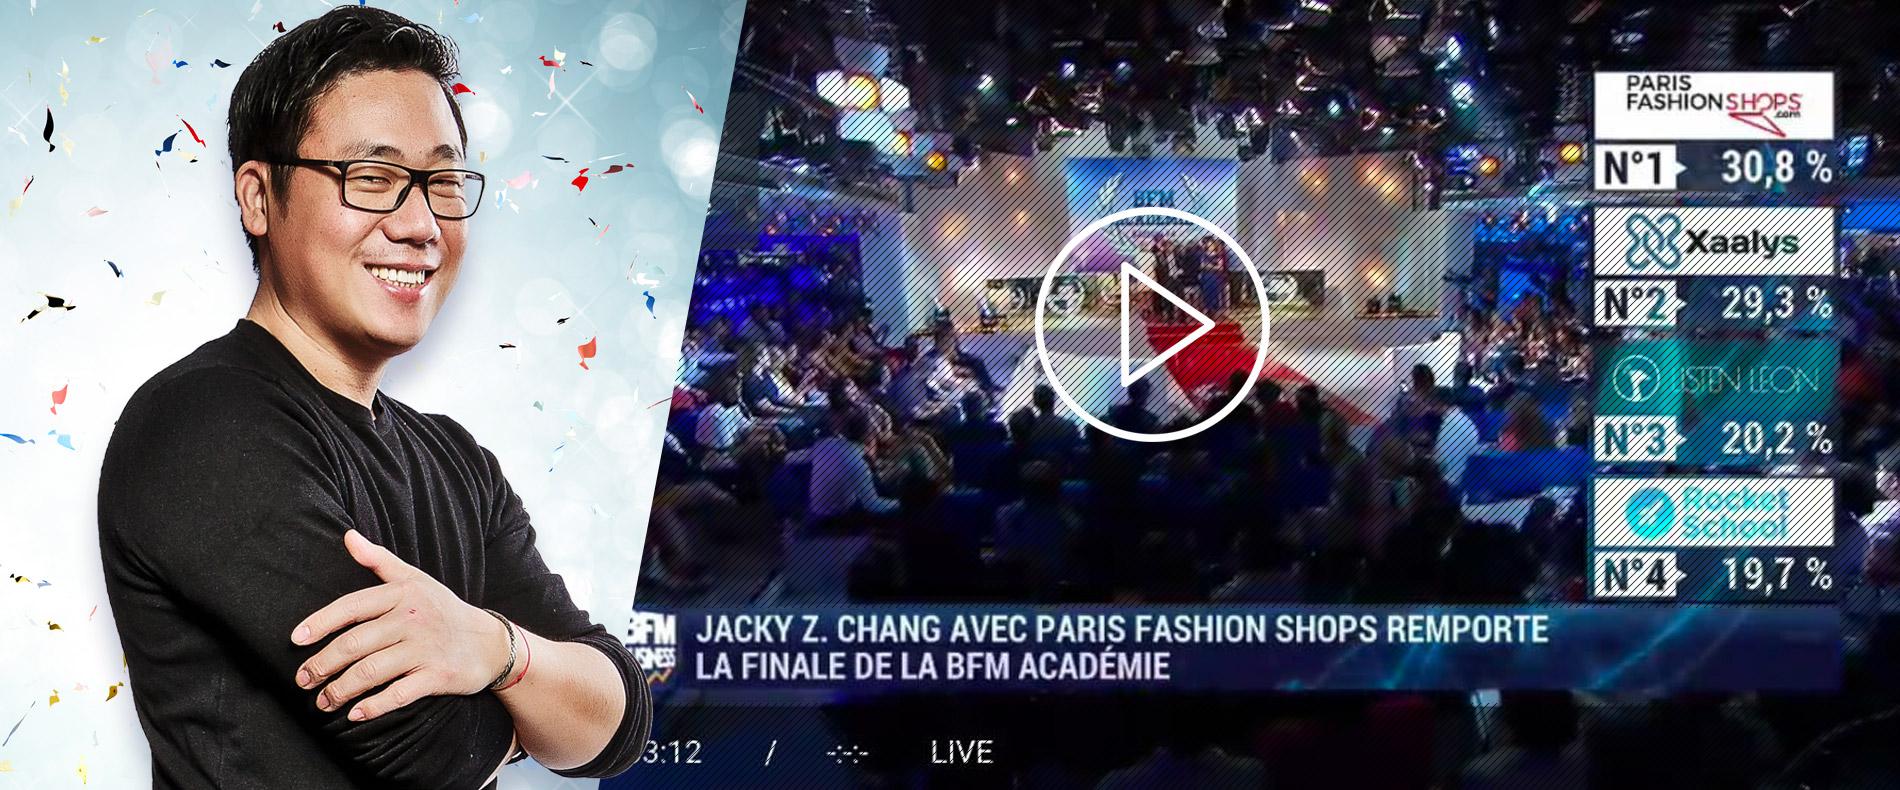 b6d42e6a0a7de0 PARIS FASHION SHOPS